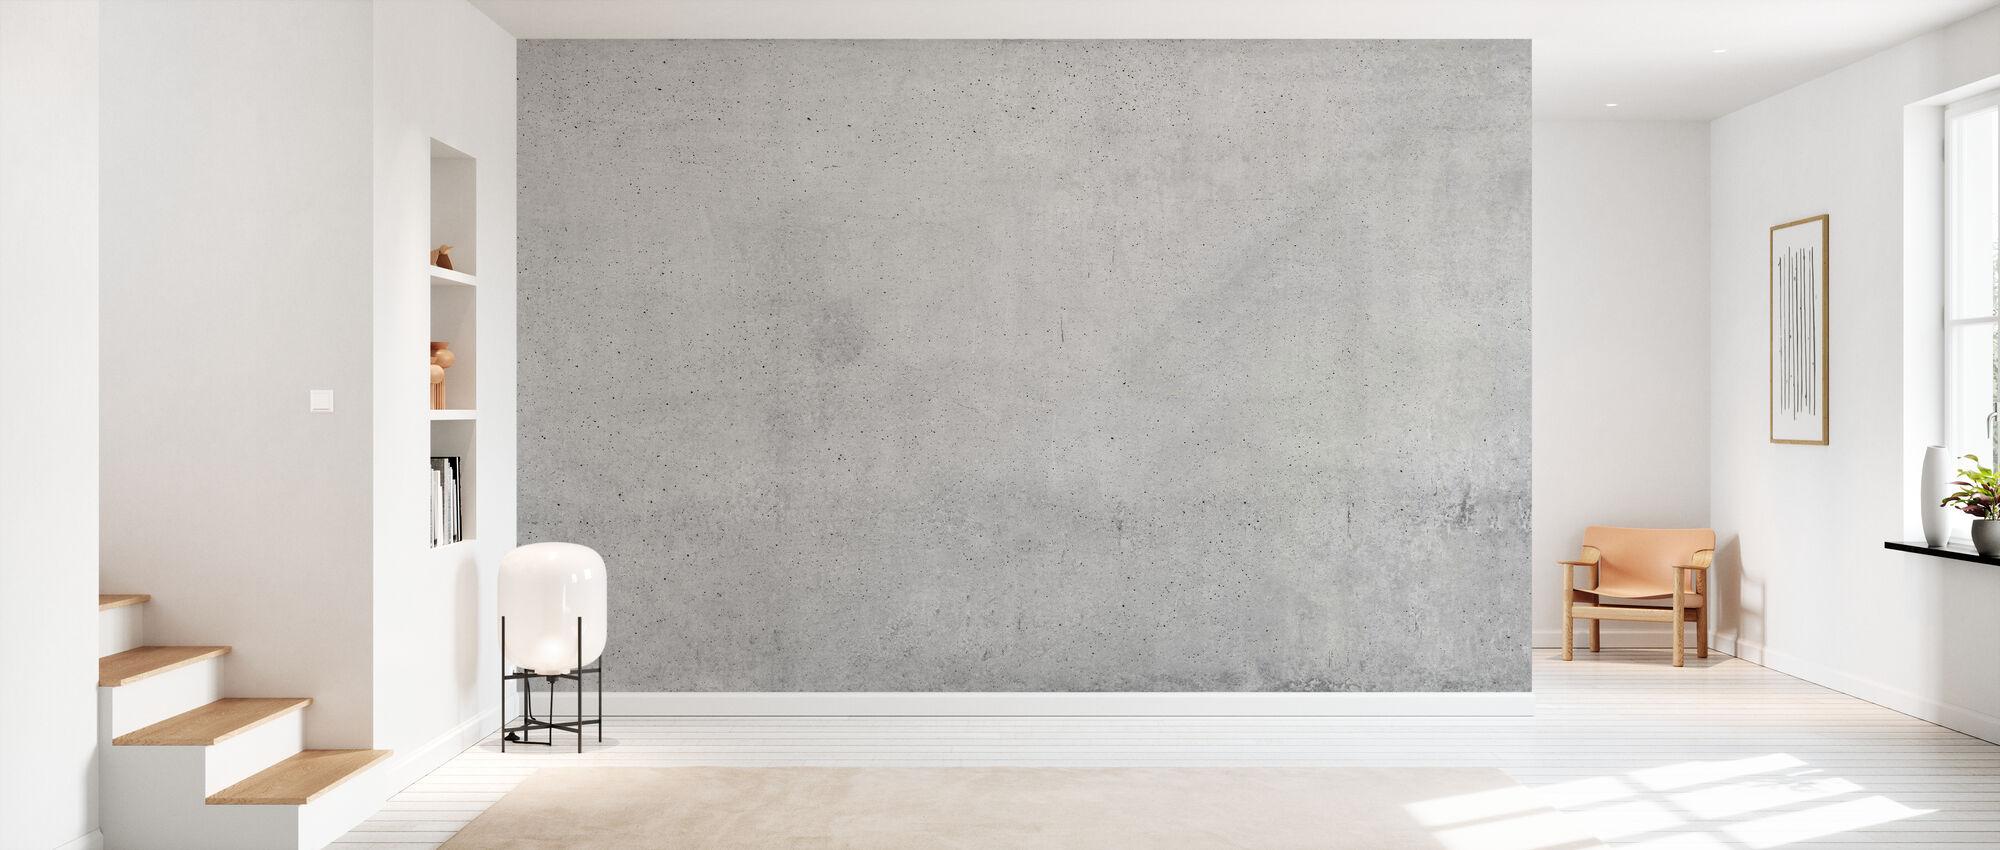 Udsat betonvæg - Tapet - Entré